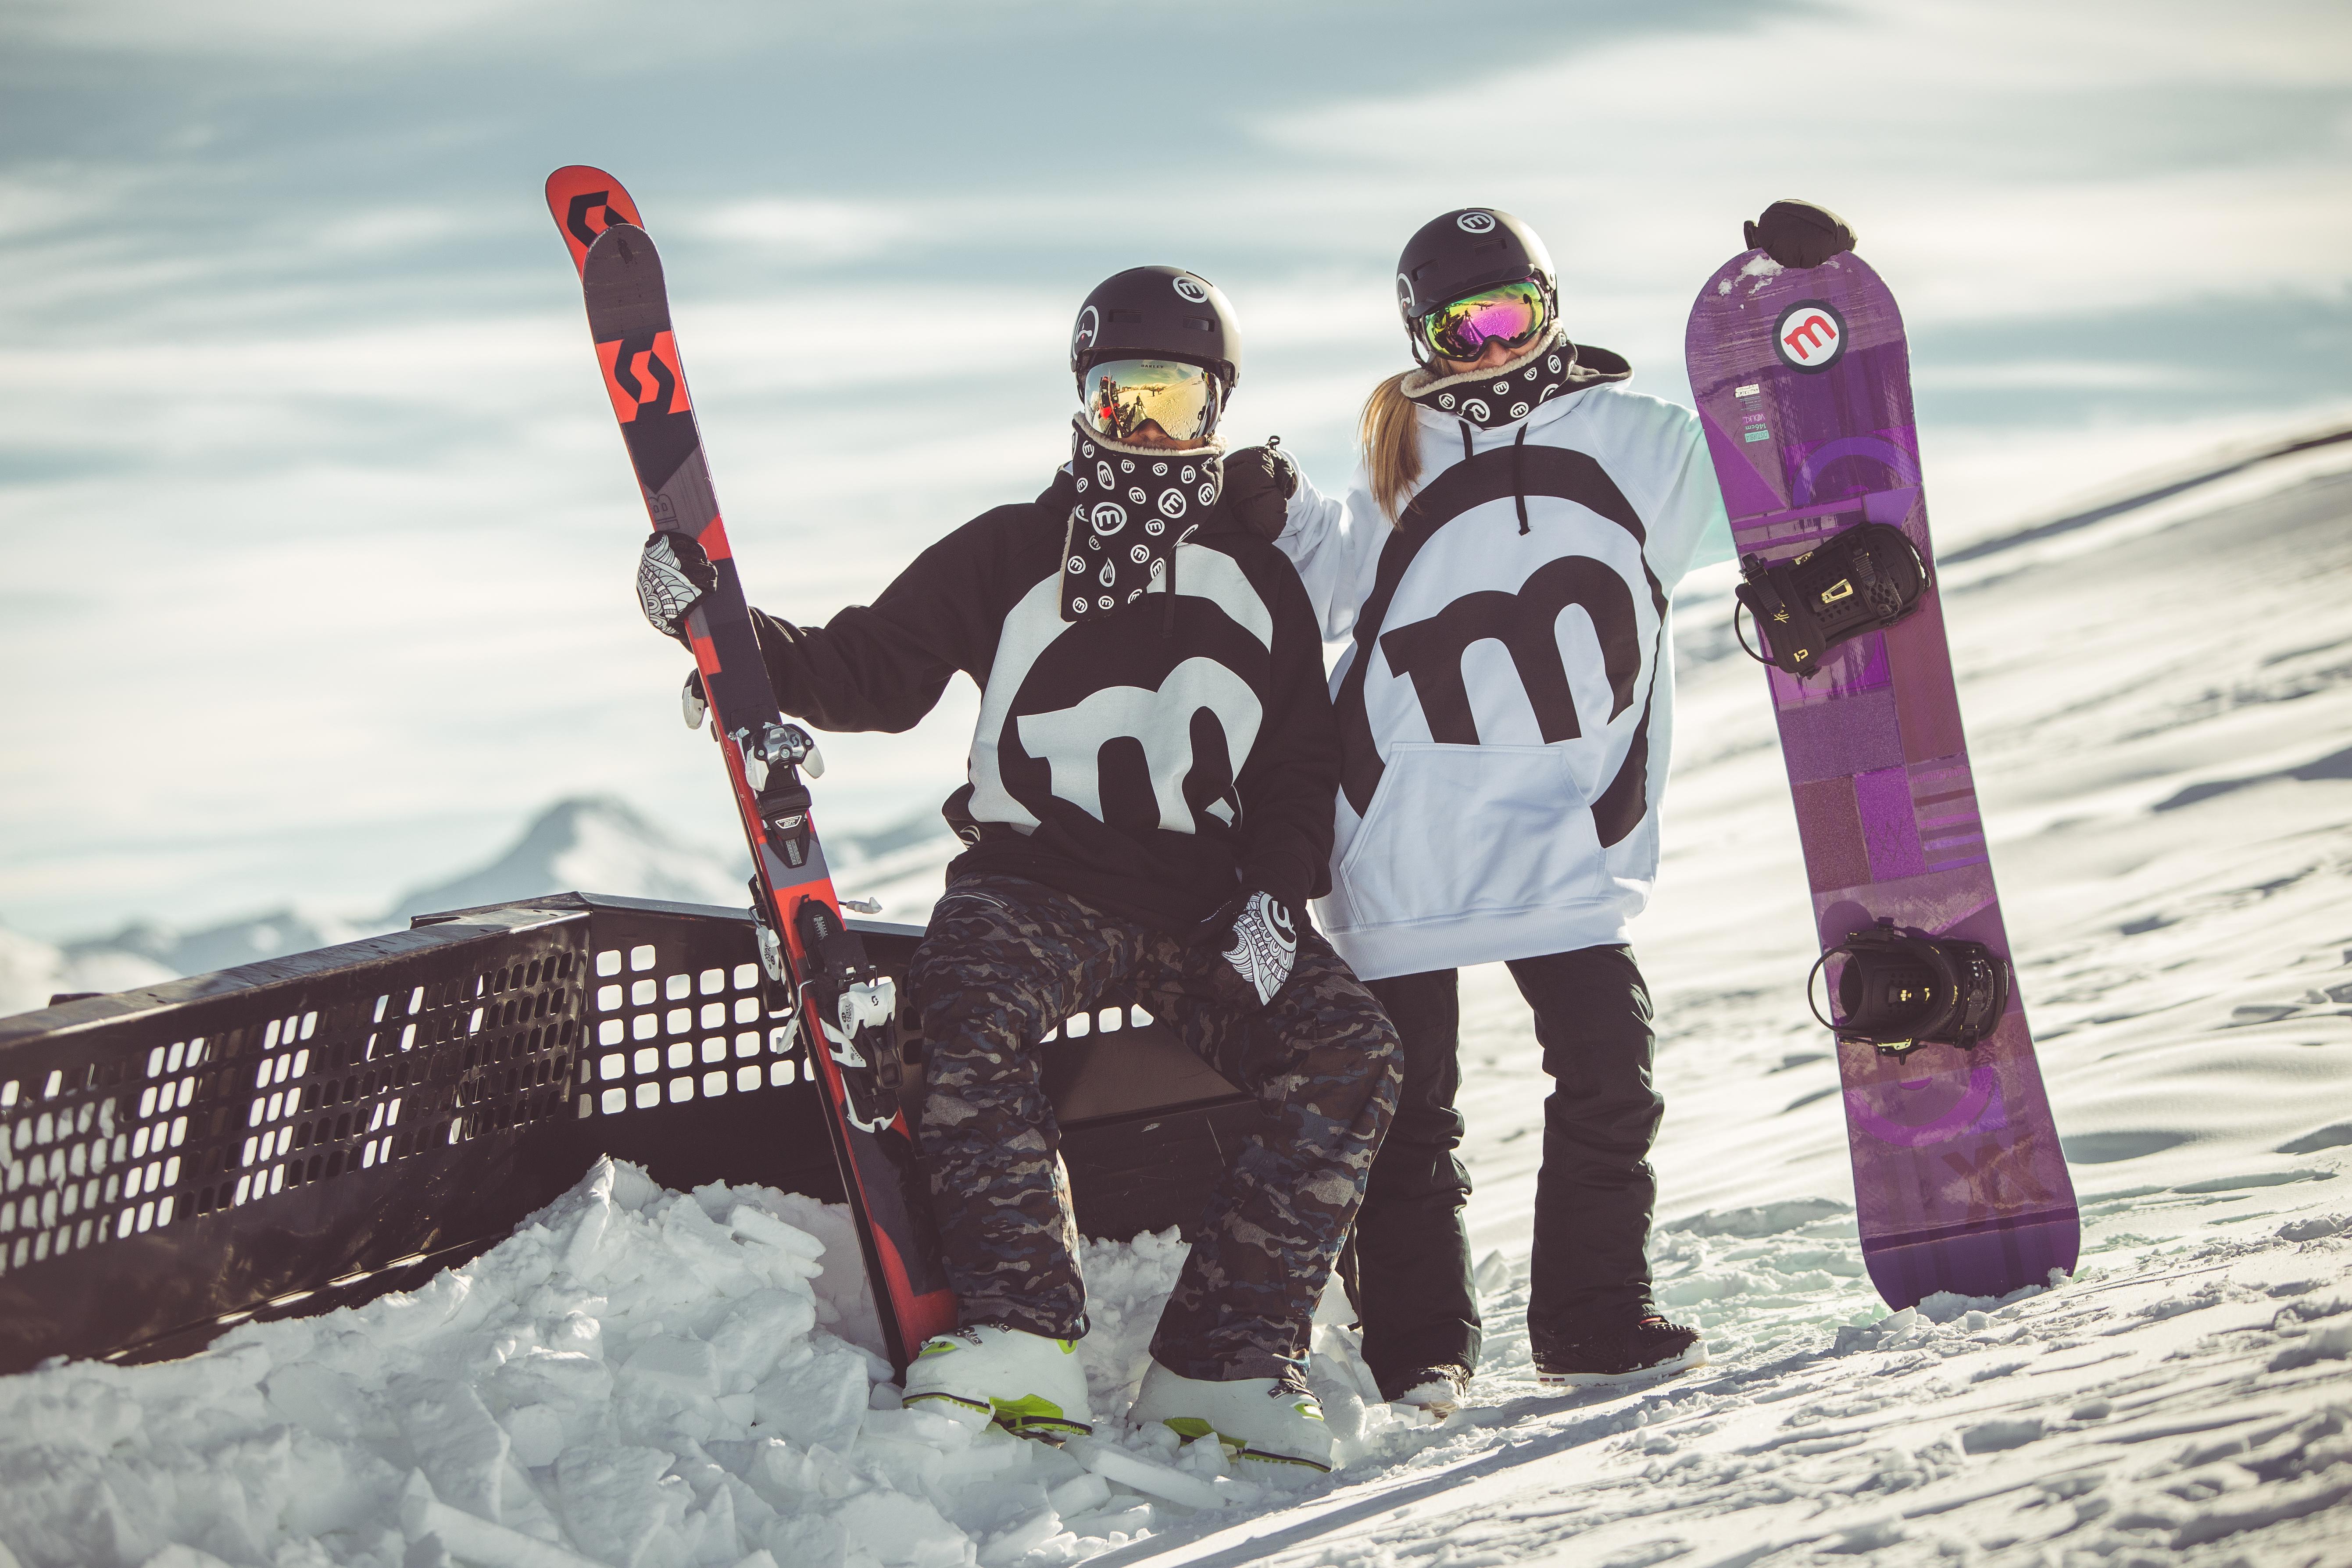 Abbigliamento invernale Mottolino per snowboarder e sciatorio